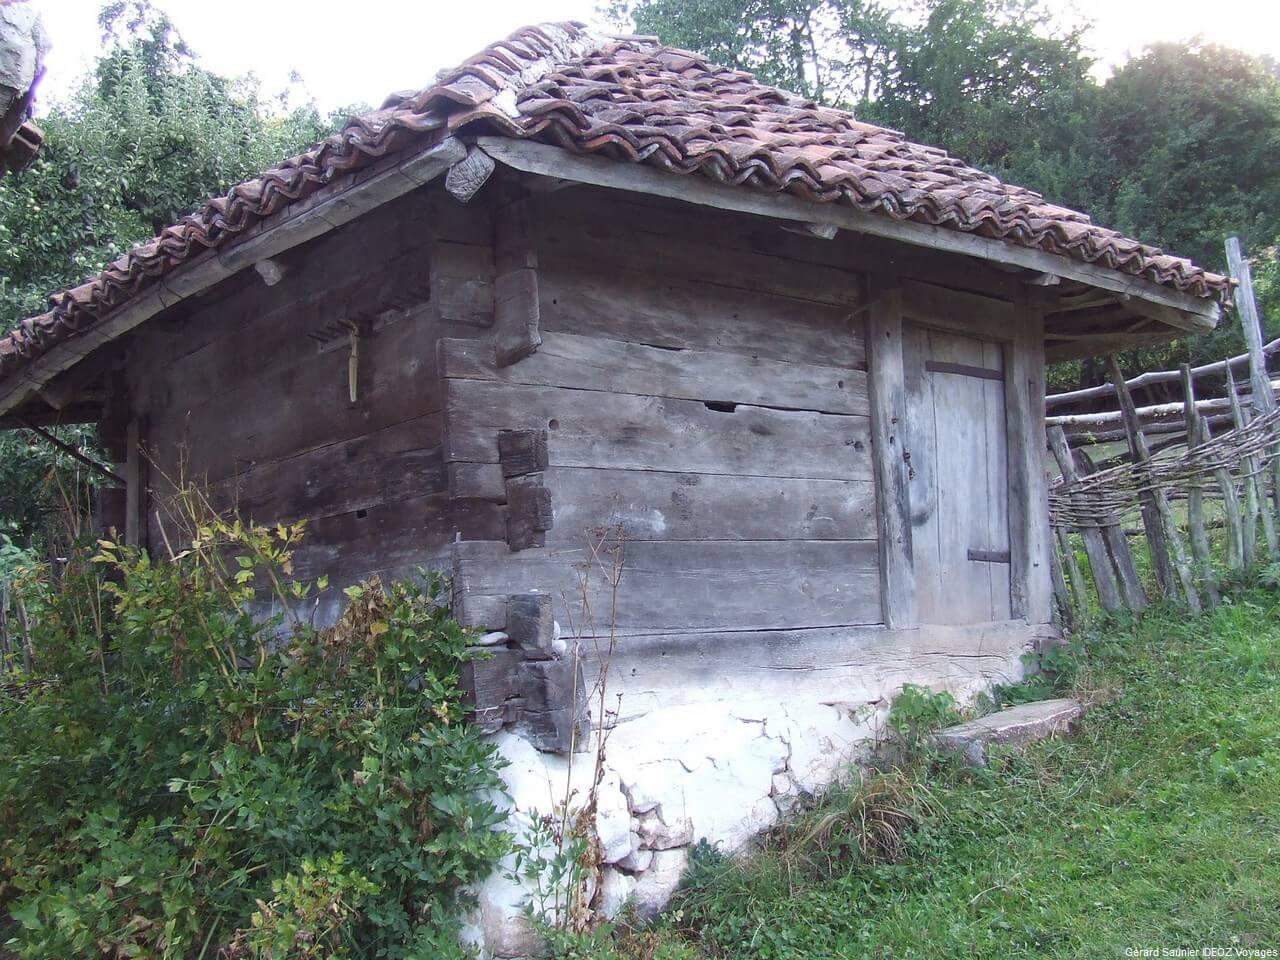 Rencontre inoubliable à Arilje en Serbie centrale : merveilleux souvenir 20